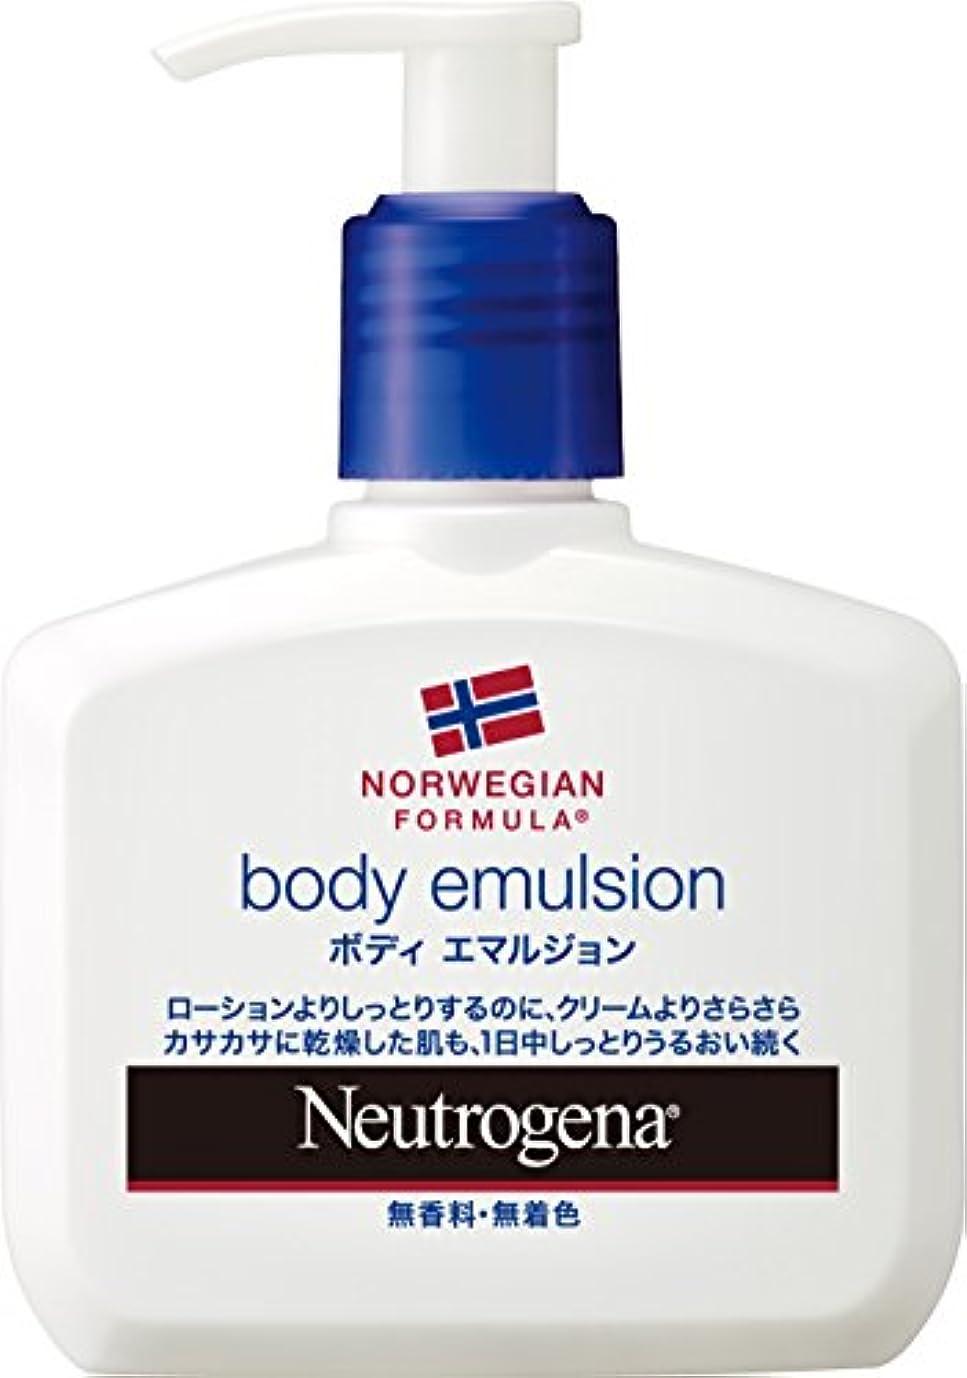 削減良心キャンペーンNeutrogena(ニュートロジーナ)ノルウェーフォーミュラ ボディエマルジョン(無香料) 155g